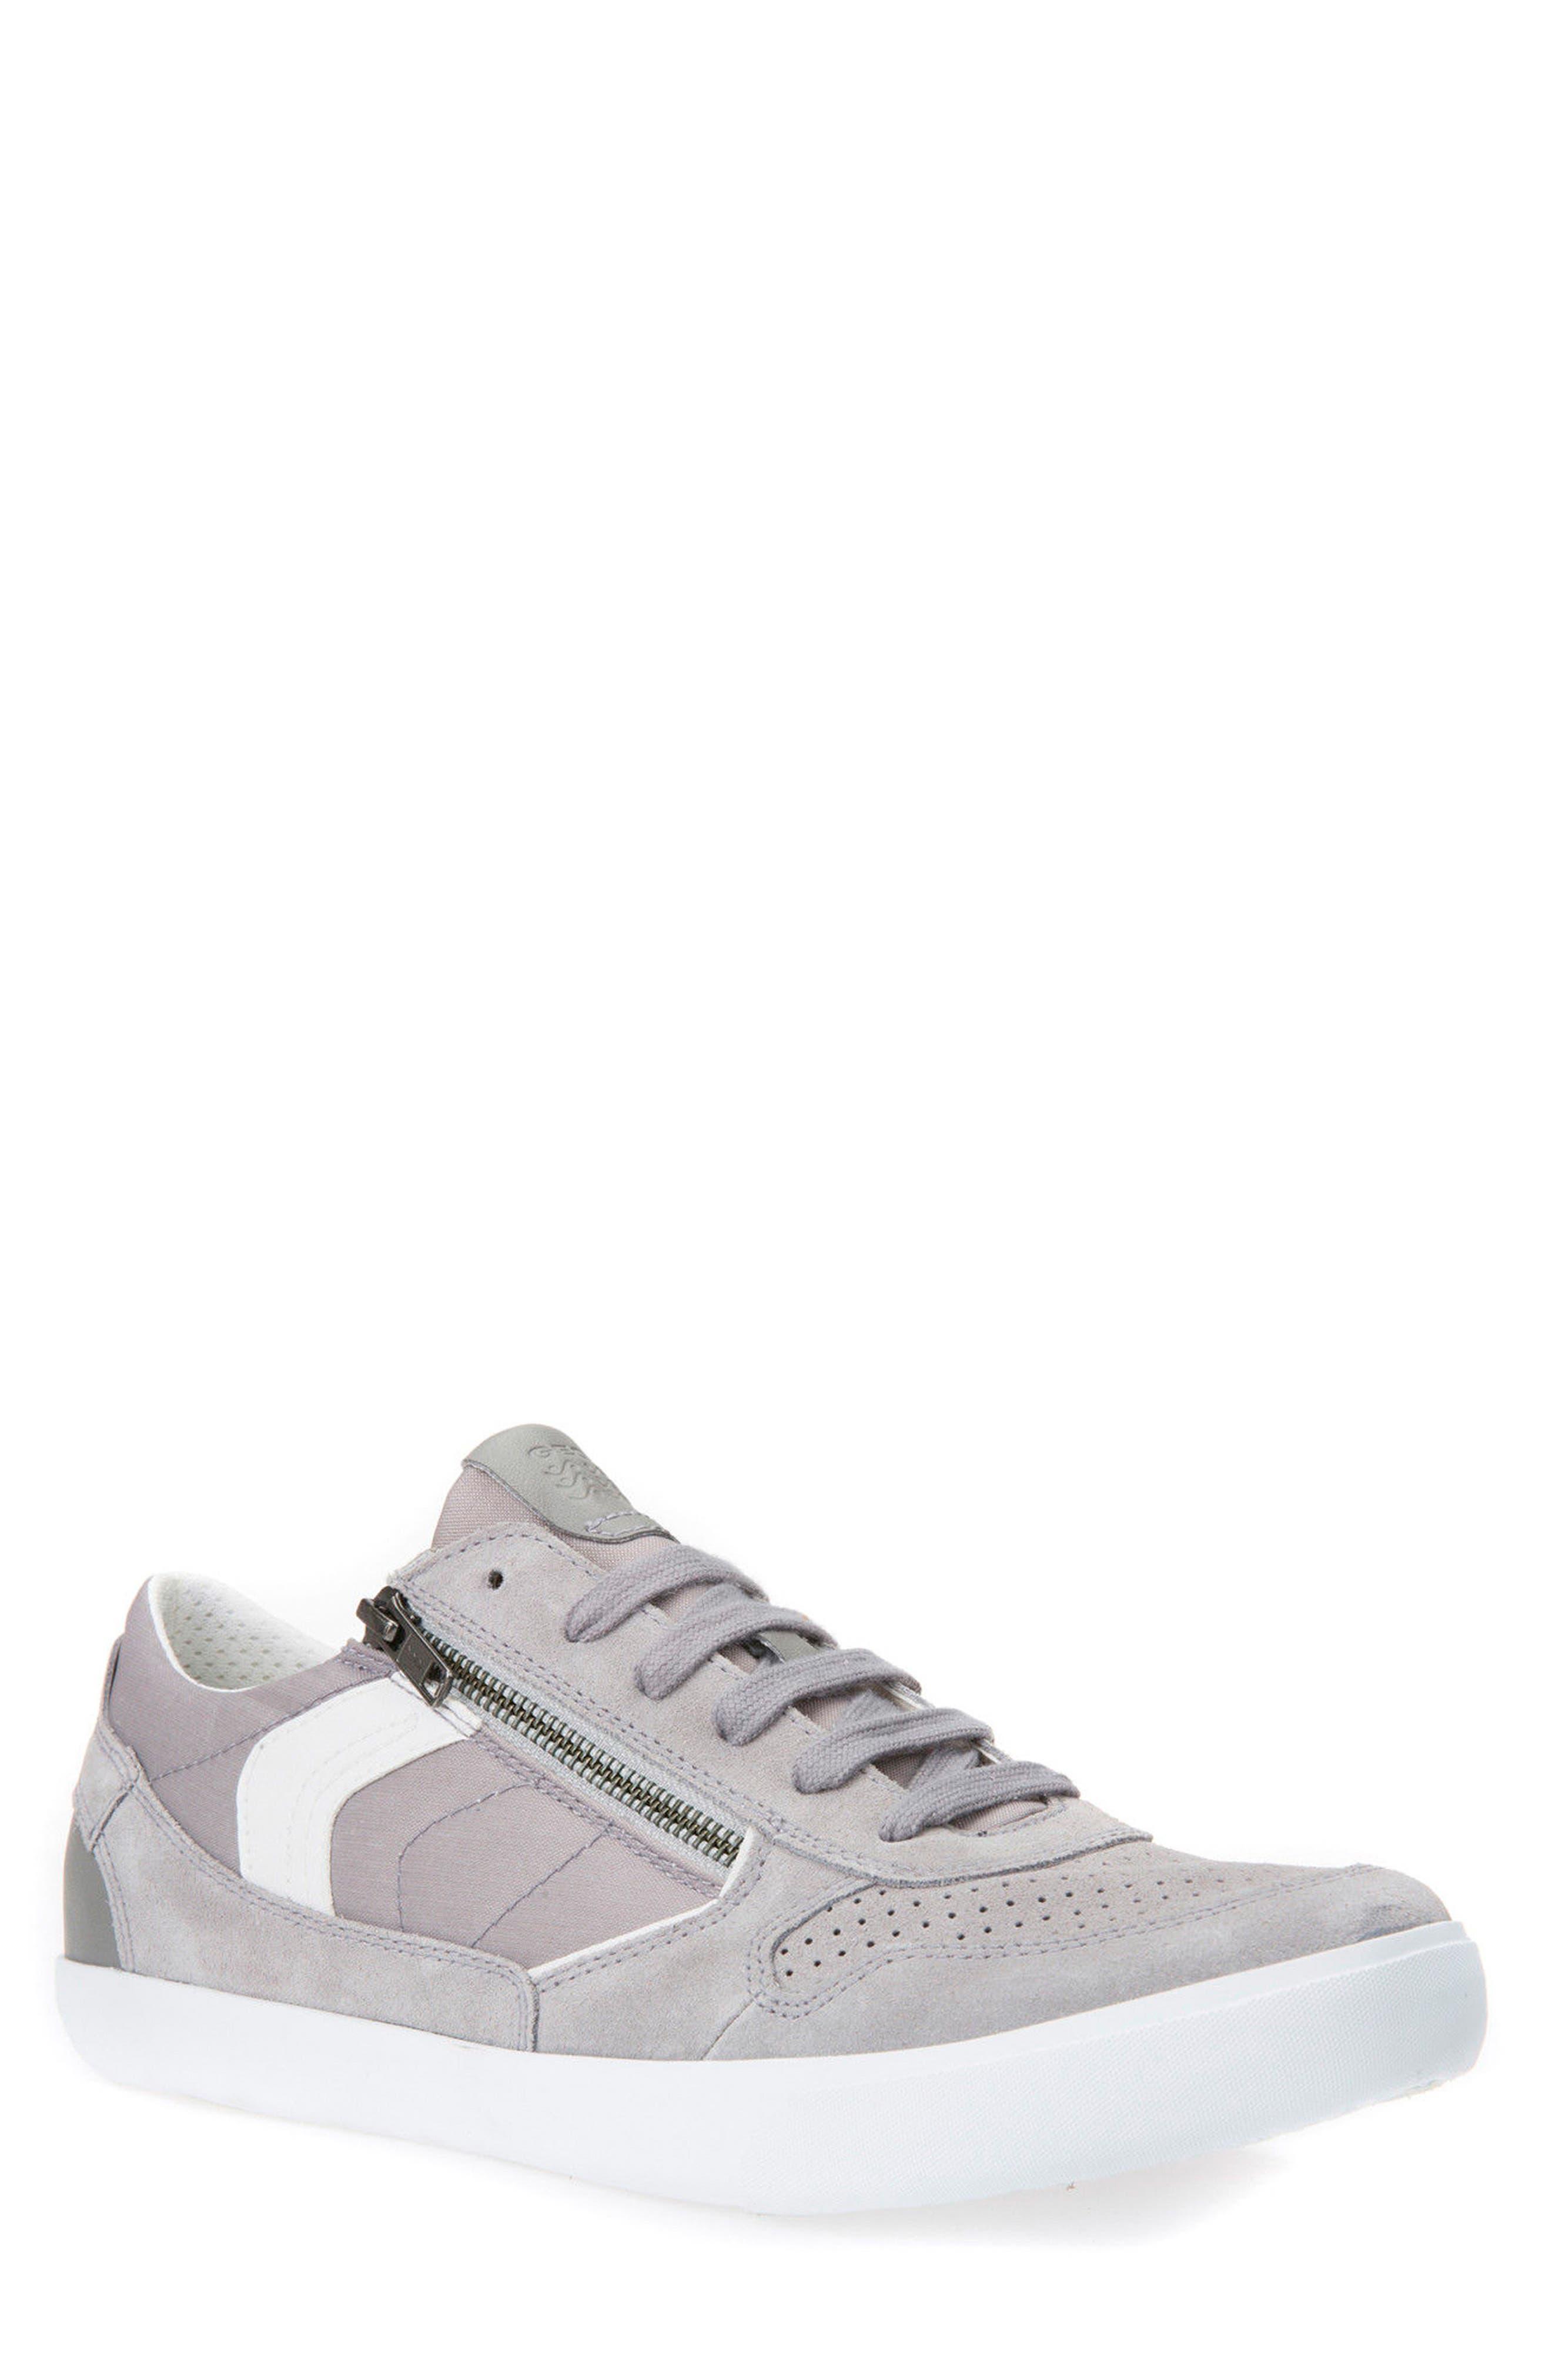 Box 33 Low Top Zip Sneaker,                             Main thumbnail 1, color,                             030